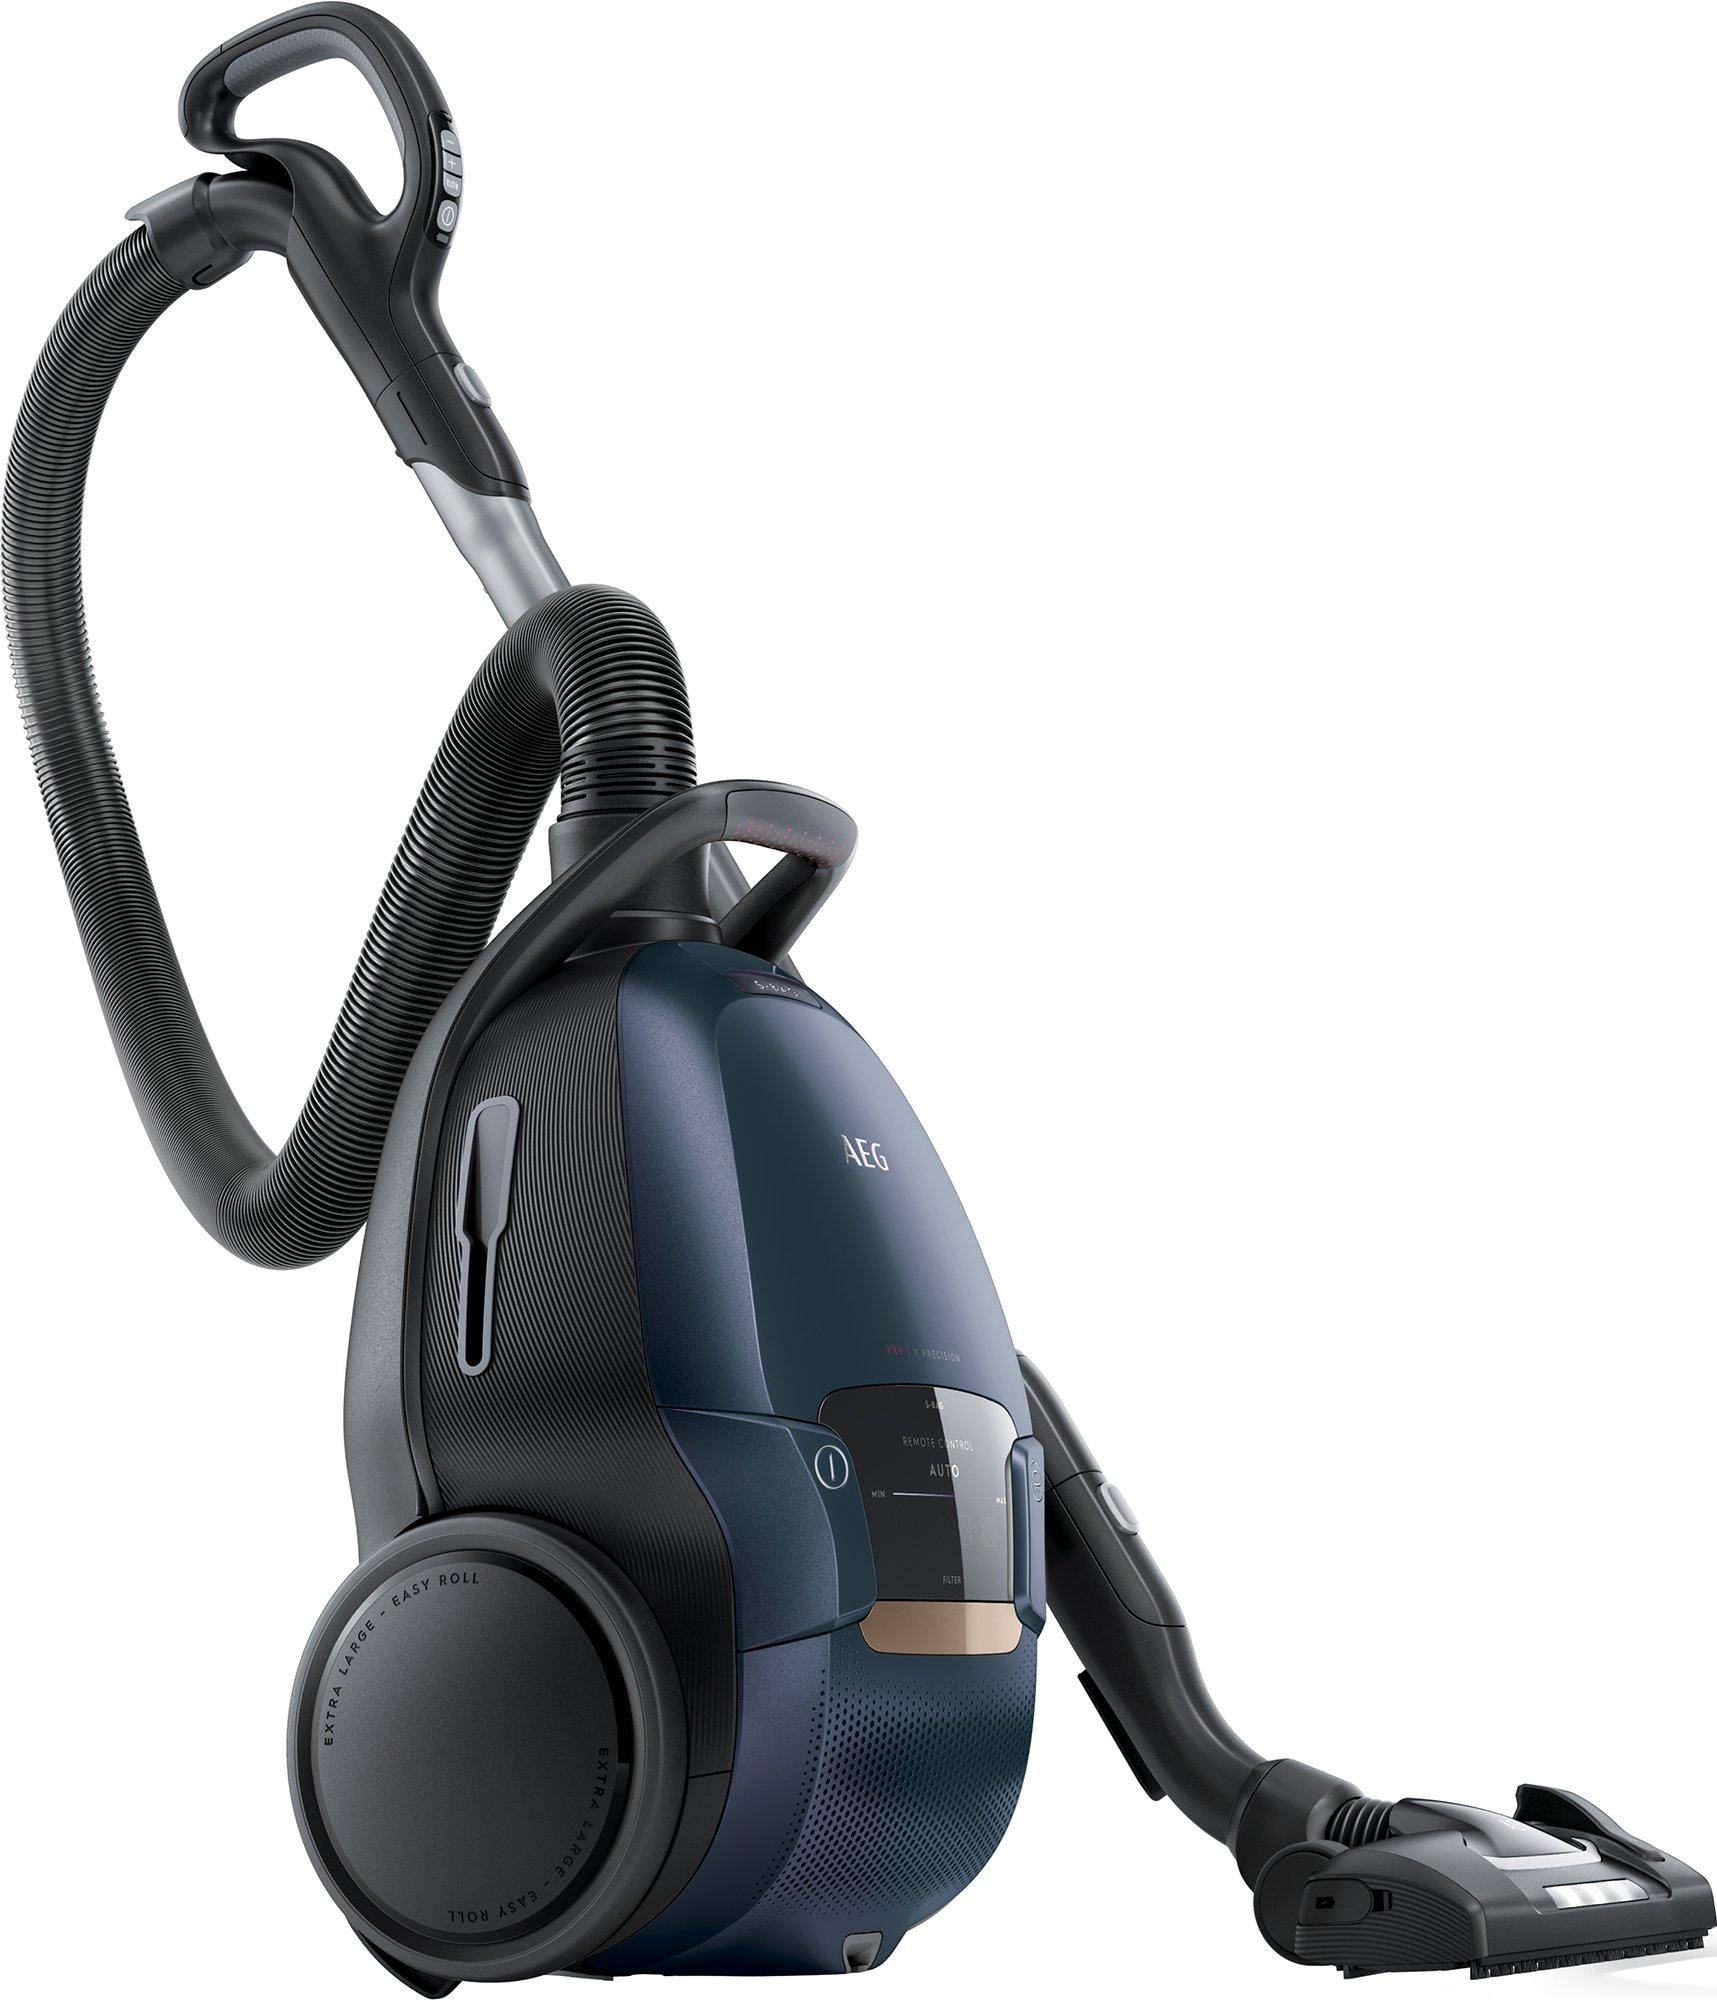 AEG VX9-4-8IBX Staubsauger mit Beutel / XL-Softräder / Frontlichter / Ergo-Handgriff mit Fernbedienung / Zusatzdüsen / 4…